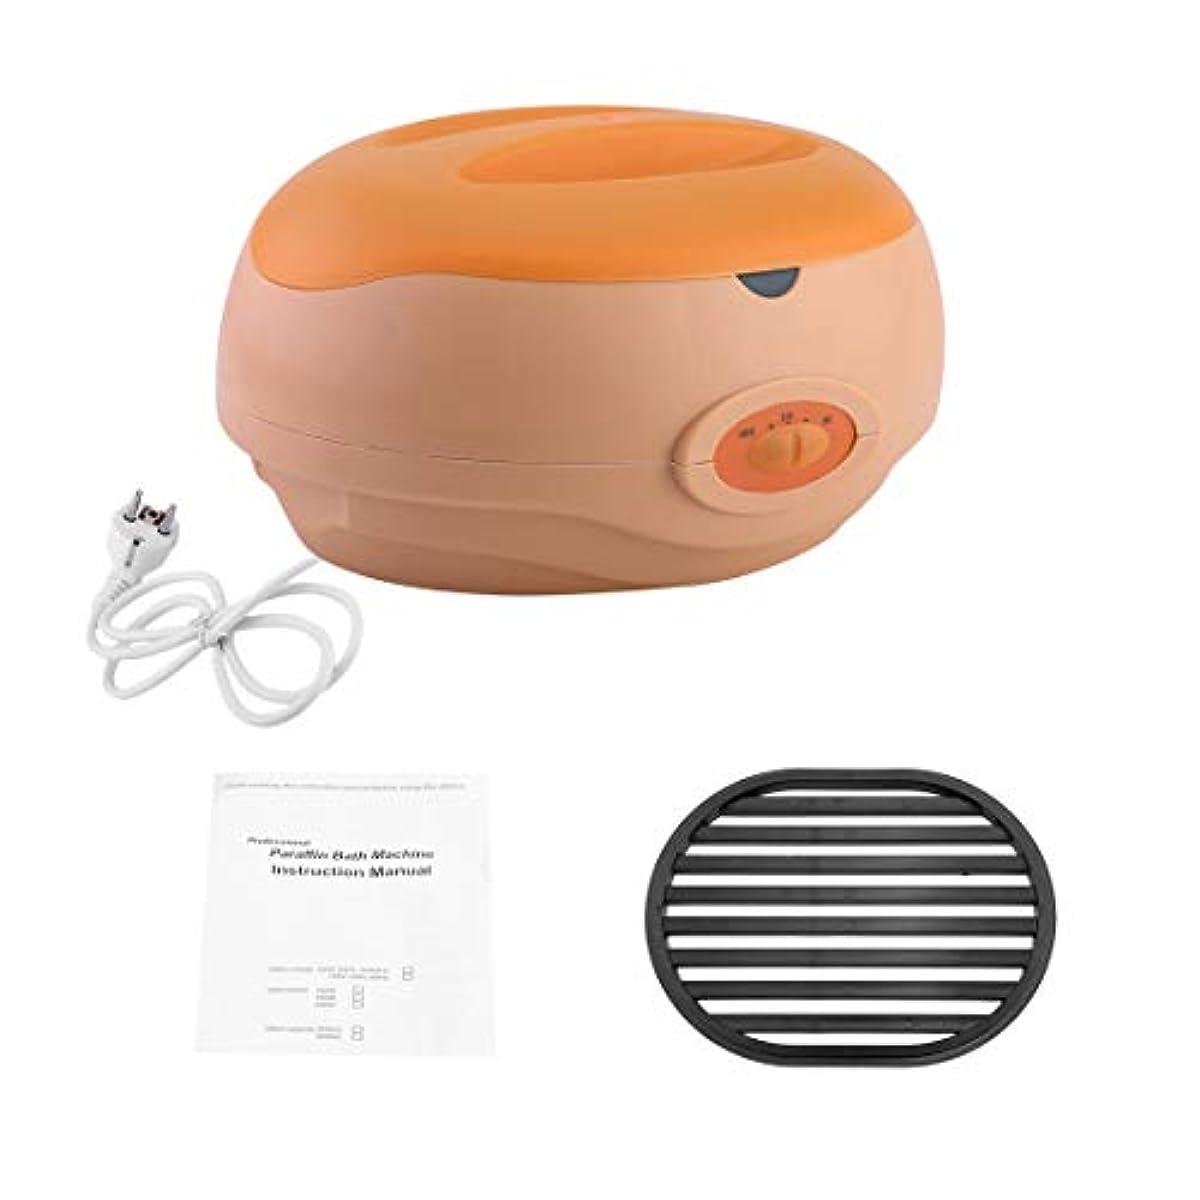 核欺溶接パラフィンセラピーバスワックスポットウォーマーサロンスパハンド脱毛器ワックスヒーター機器ケリセラピーシステム美容ケア(オレンジ)